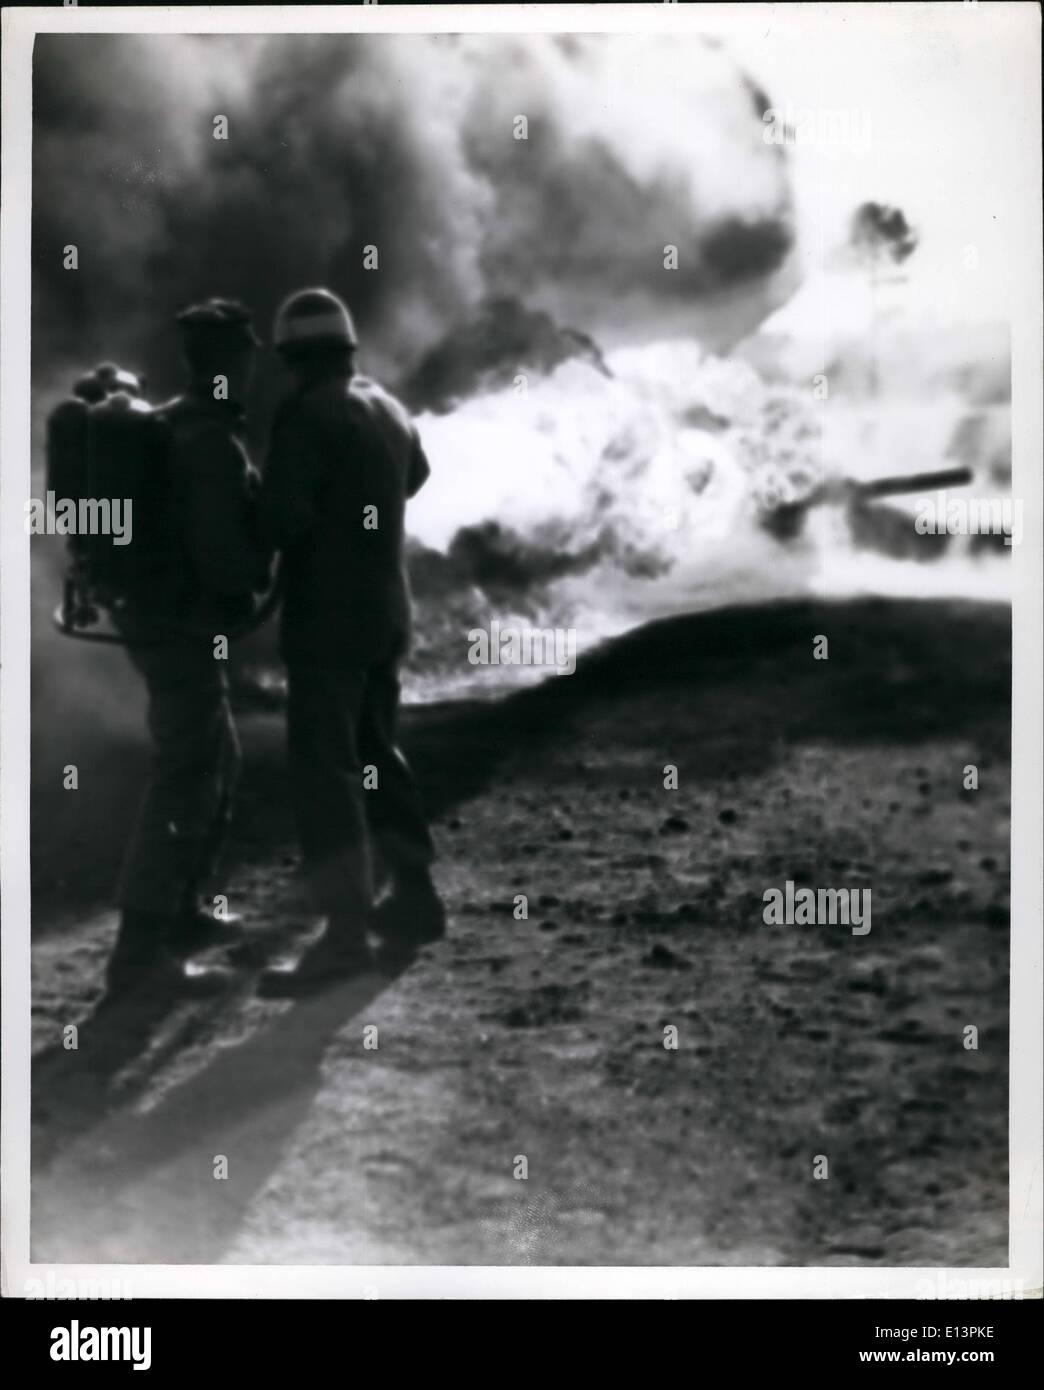 Martes 22 de marzo, 2012 - Camp Lejeune, Carolina del Norte. MARINE CORPS RECLUTAS DESARROLLAR SU PREPARACIÓN PARA EL COMBATE-- Con la ayuda de su instructor seargeant, un joven aprendiz de infantería desencadena un lanzallamas portátil en un depósito maltratadas objetivo,Camp Lejeune, Carolina del Norte. Defensa DEPT FOTO (infantería de marina) Foto de stock